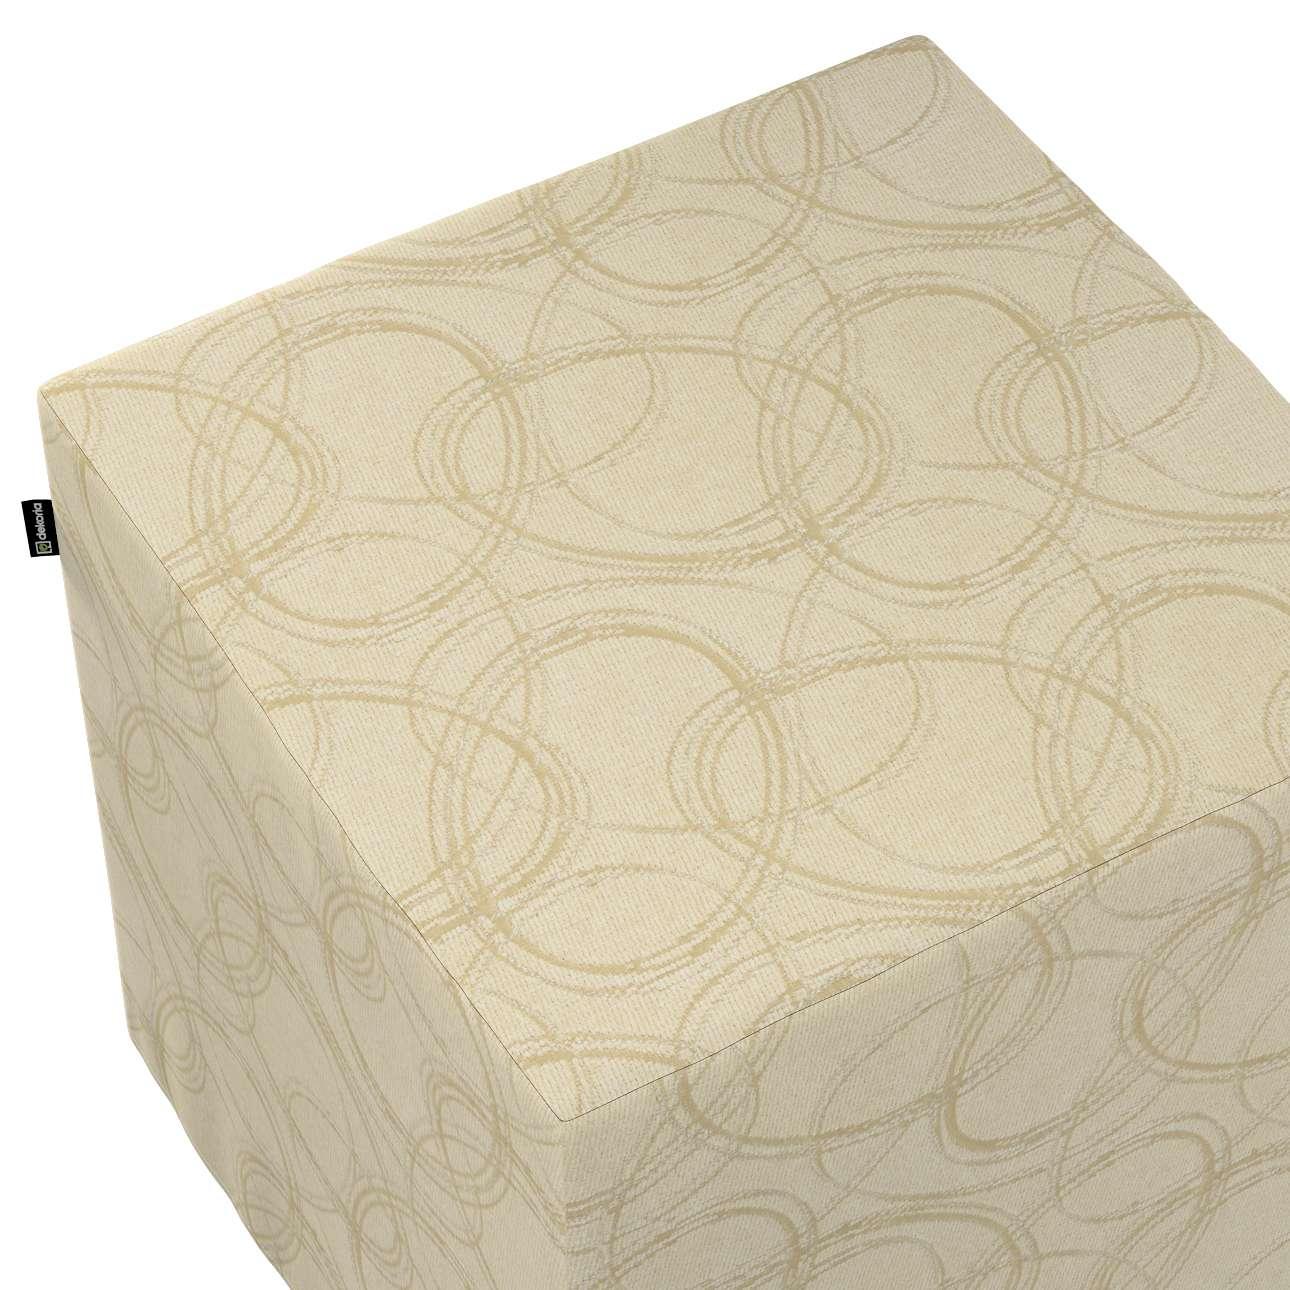 Pokrowiec na pufę kostkę w kolekcji Living, tkanina: 161-81